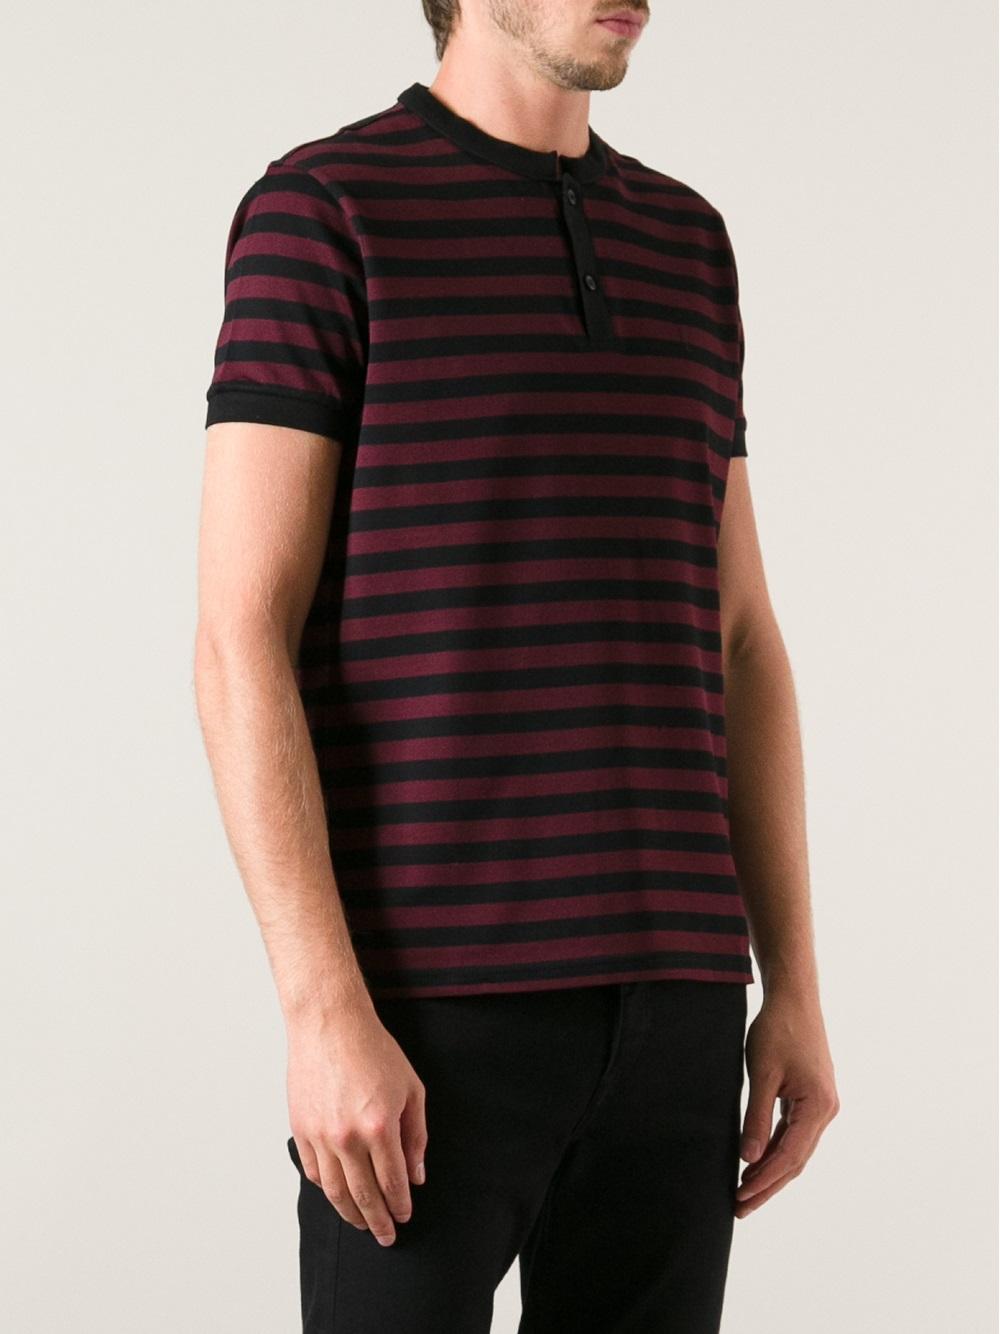 lyst saint laurent striped t shirt in red for men. Black Bedroom Furniture Sets. Home Design Ideas